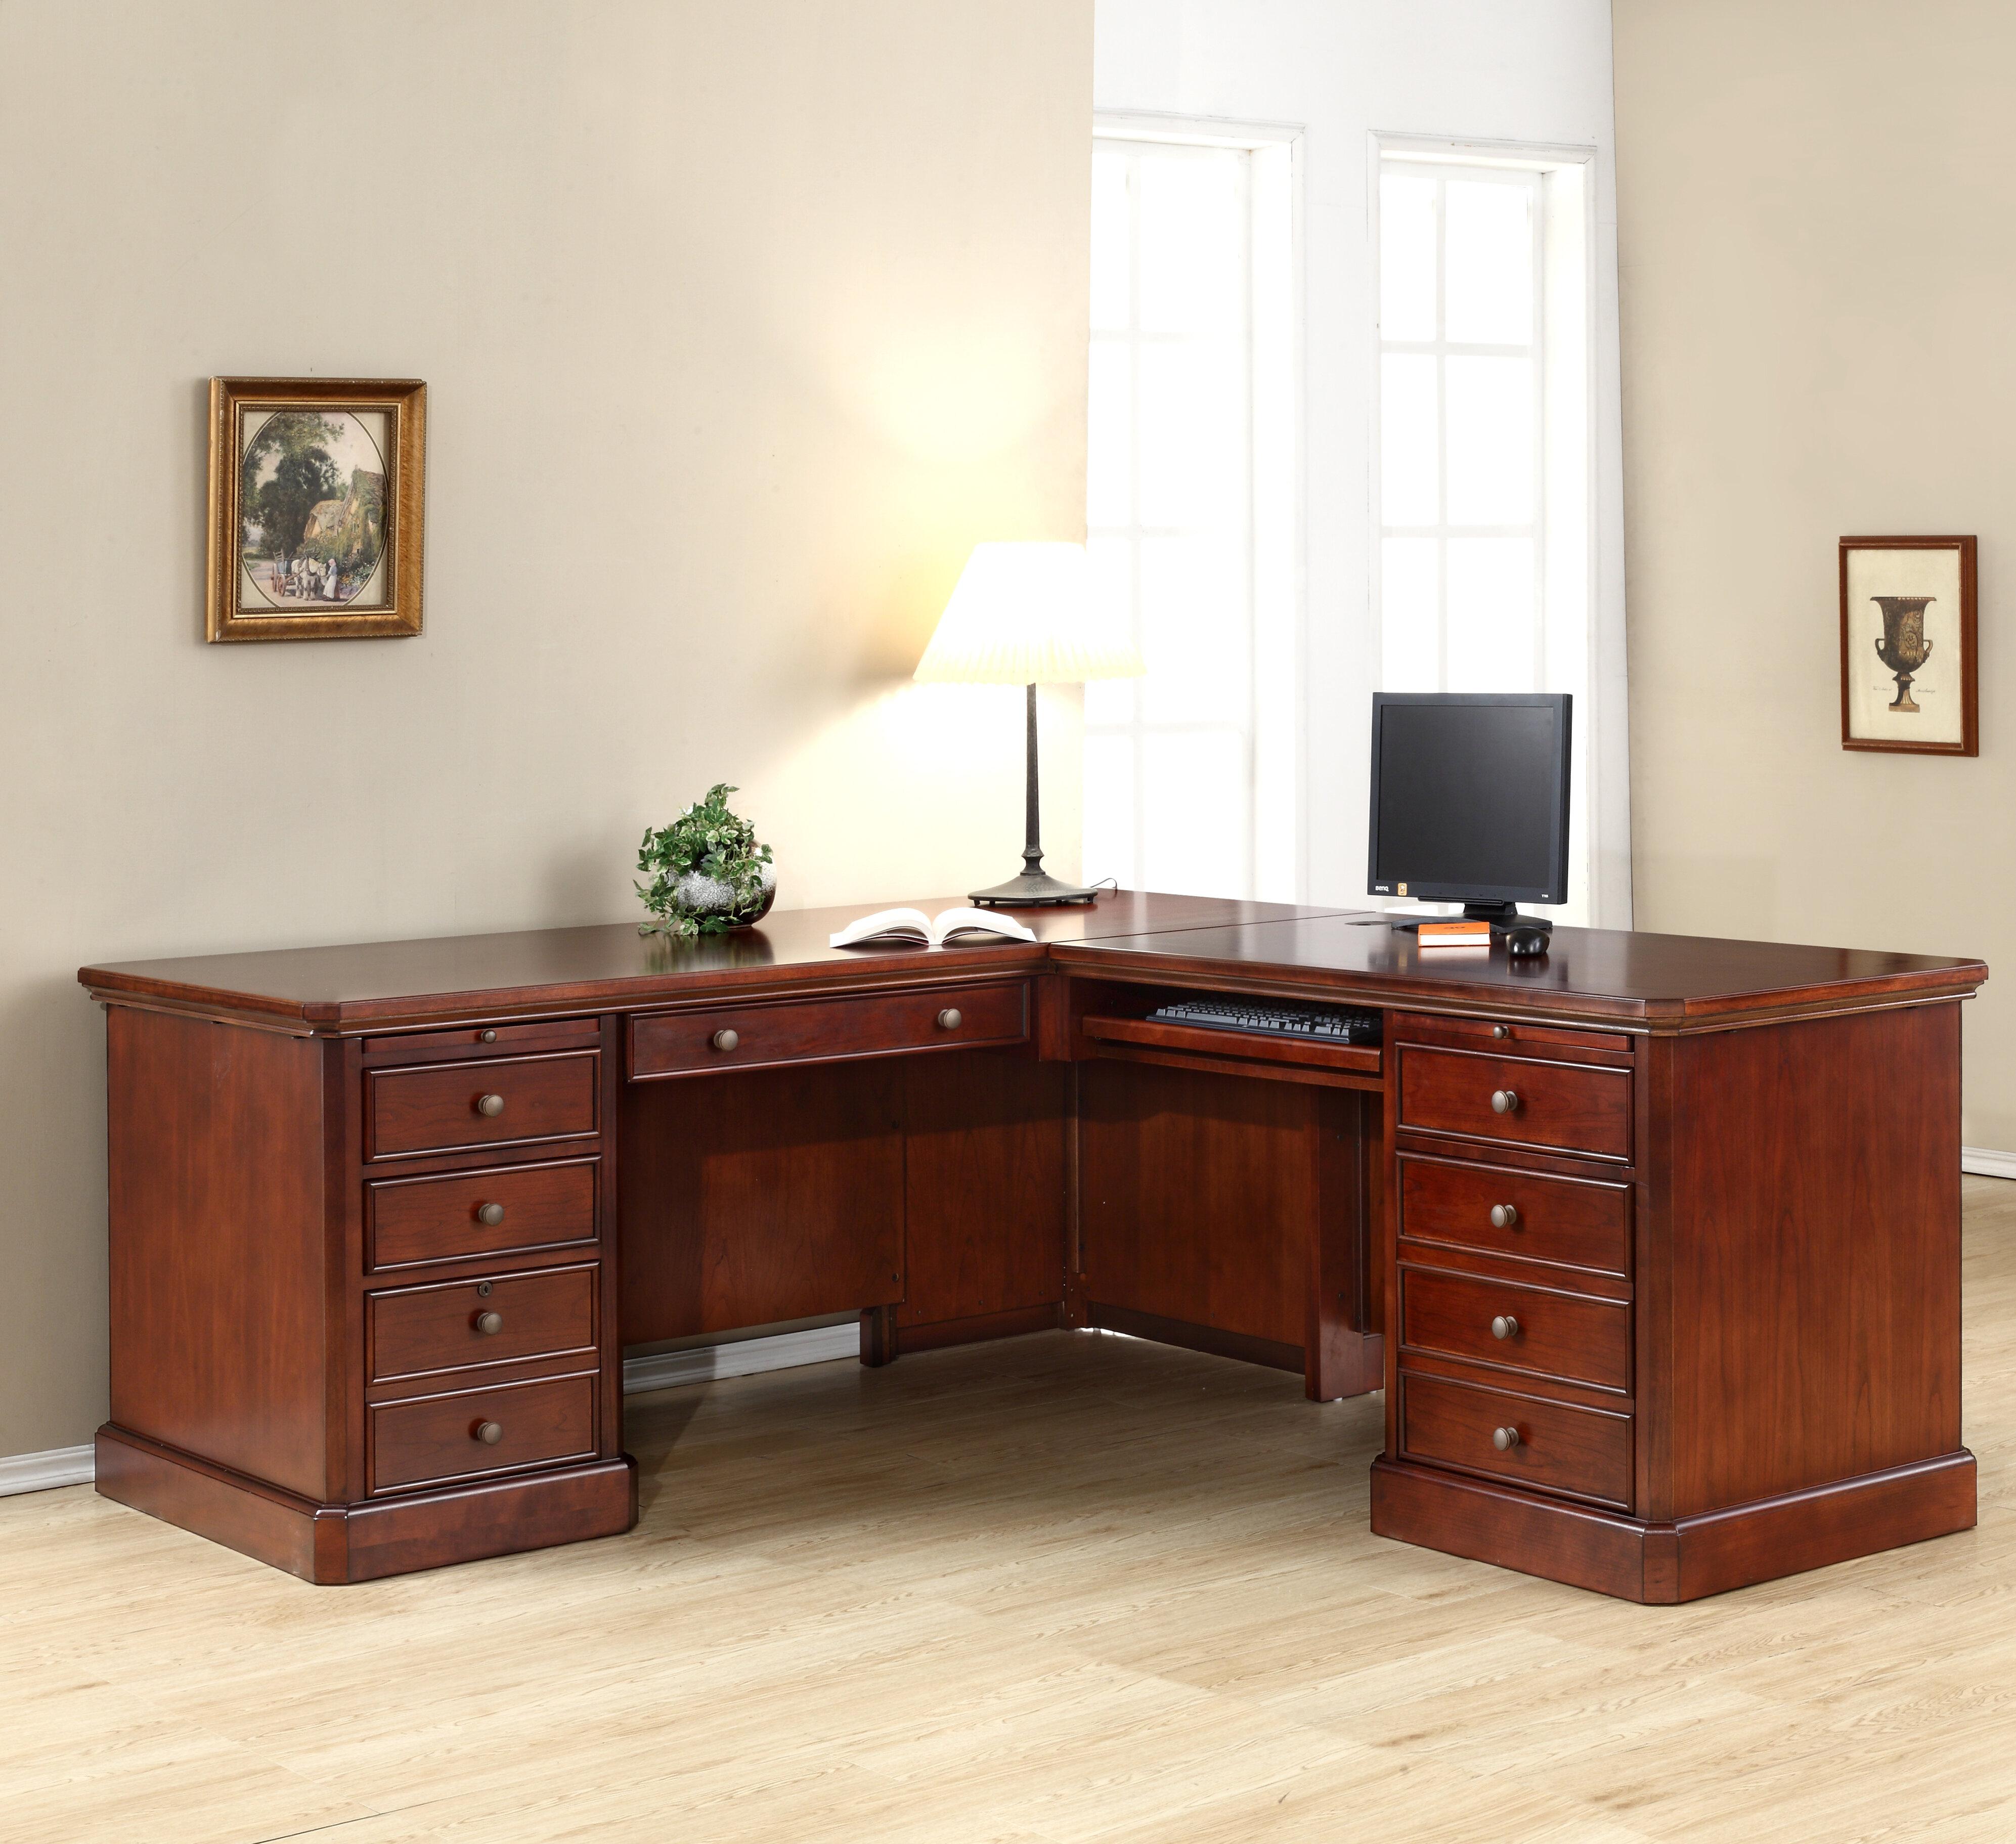 Excellent Spielman Solid Wood L Shape Executive Desk Interior Design Ideas Inesswwsoteloinfo